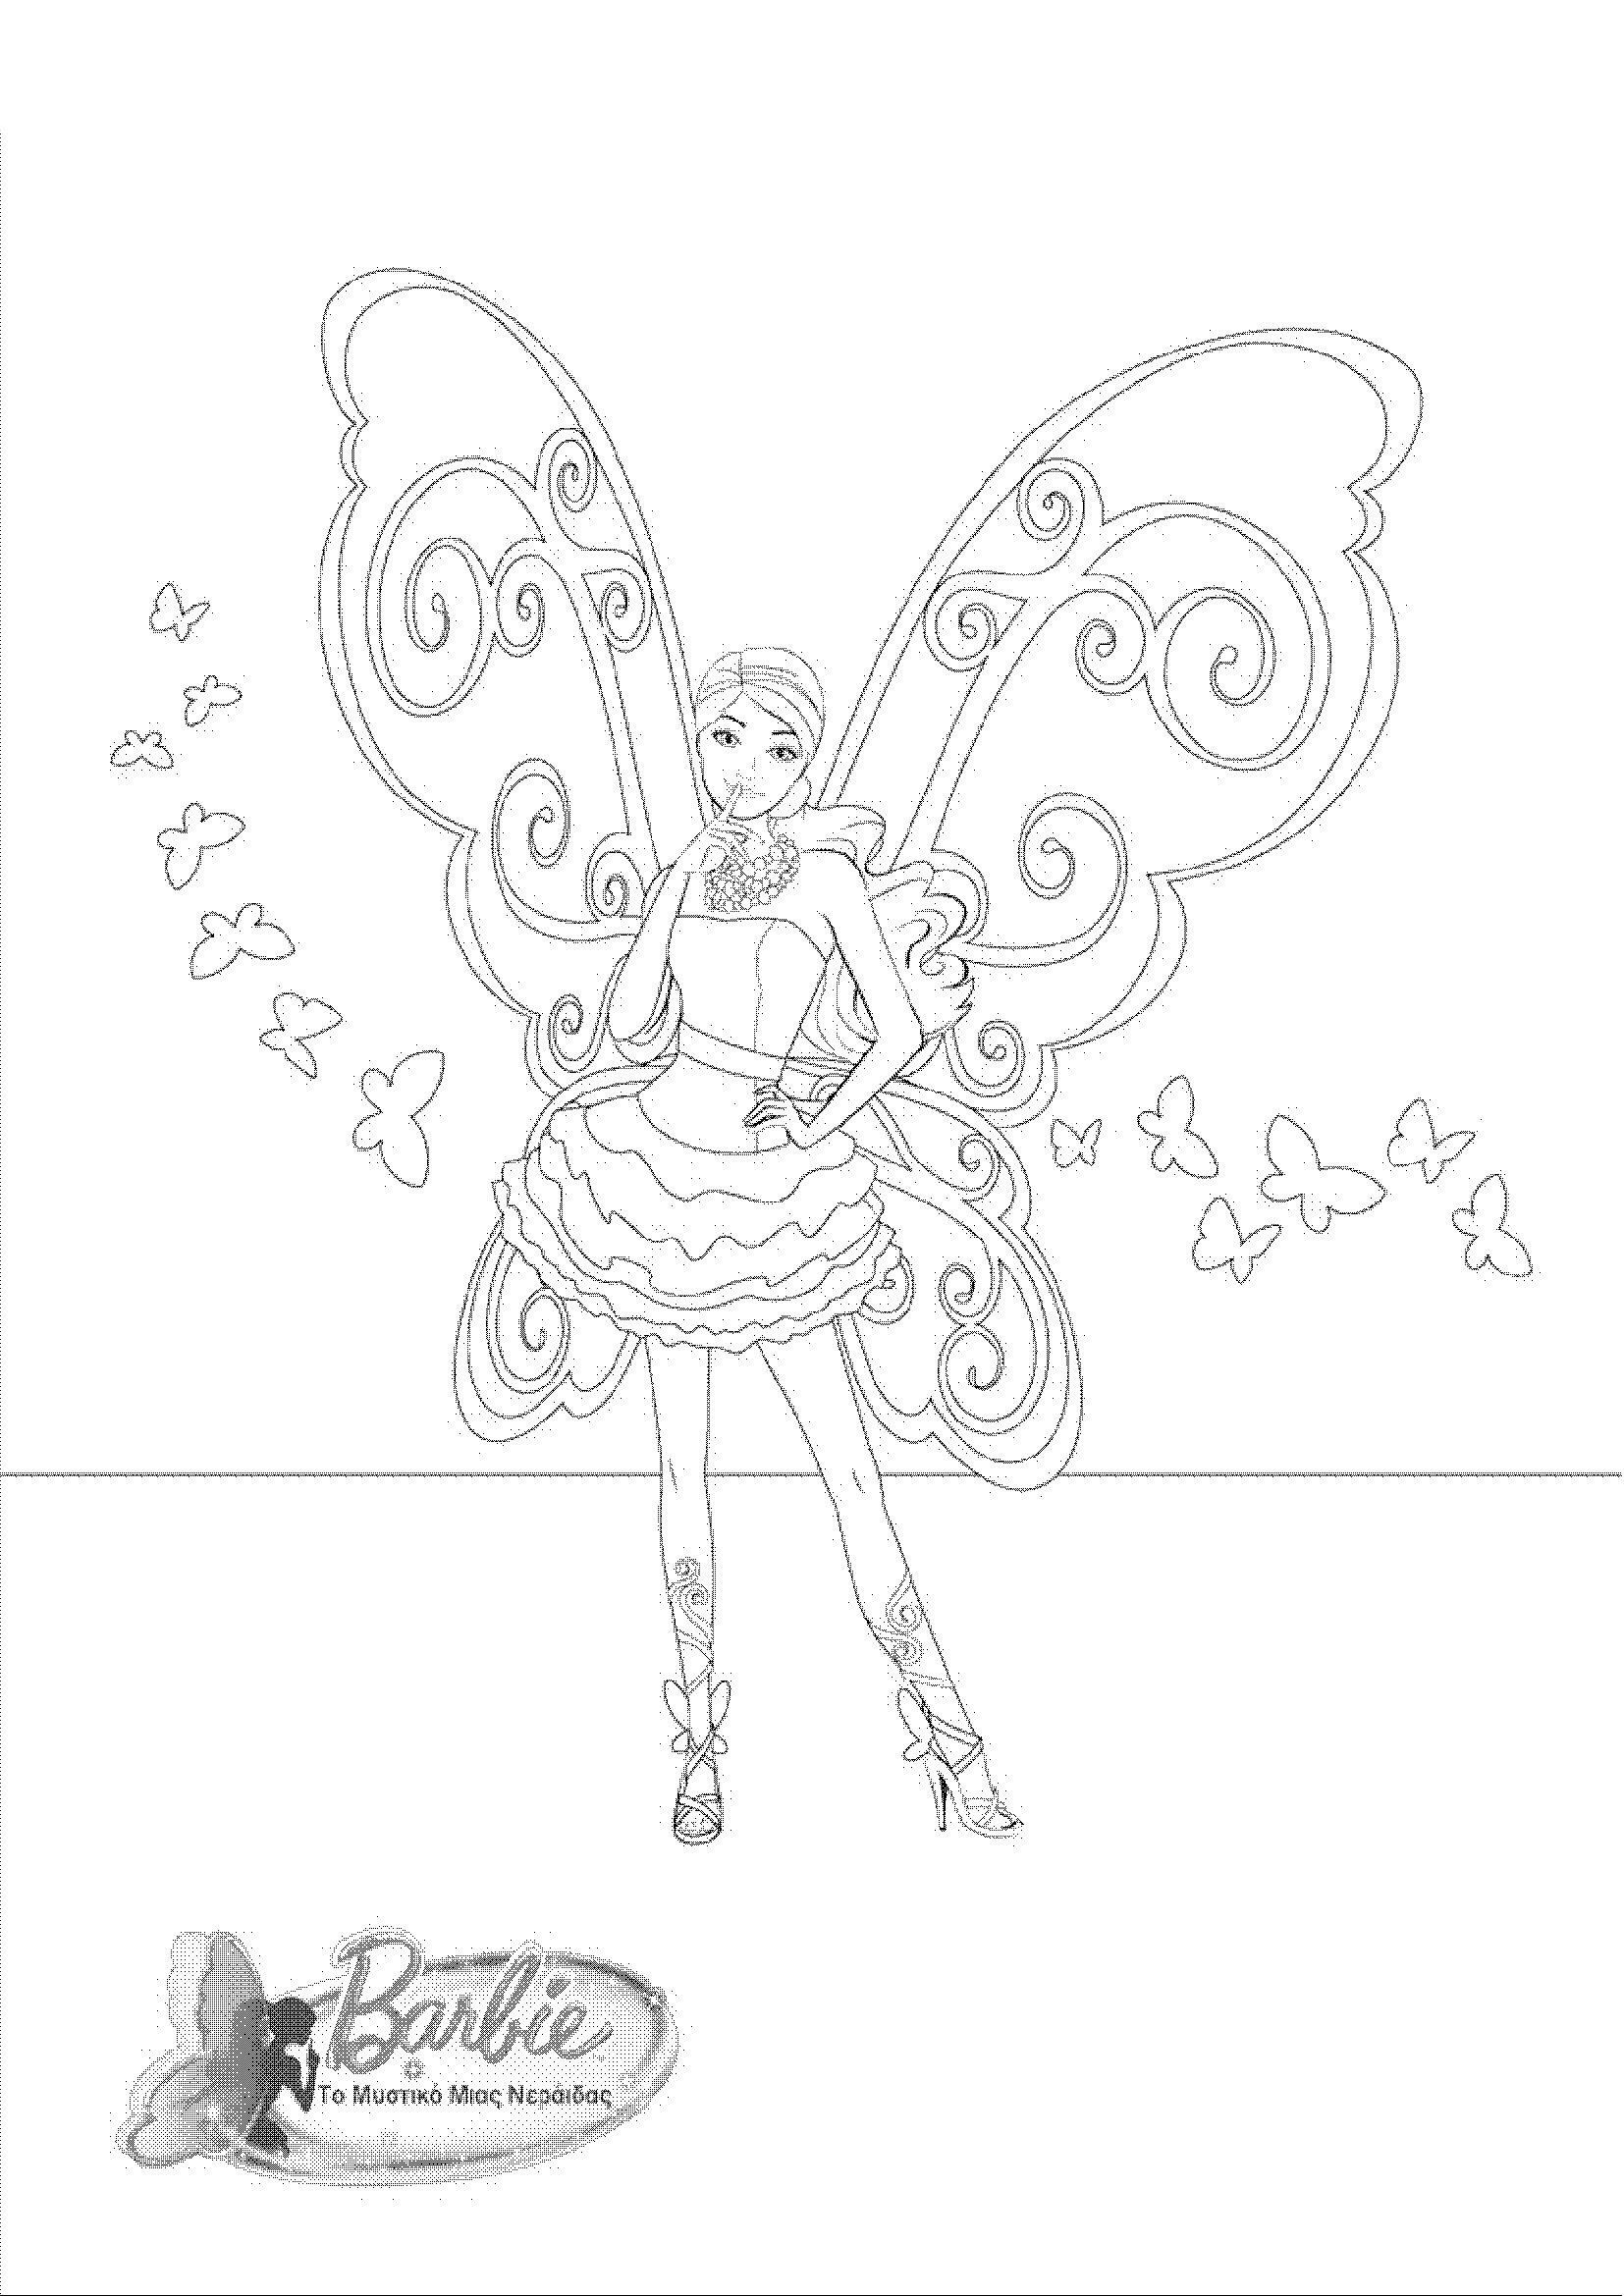 Fleur De Lis Coloring Page Barbie A Fairy Secret Coloring Page Barbie Movies Princess Coloring Pages Fairy Coloring Pages Coloring Pages